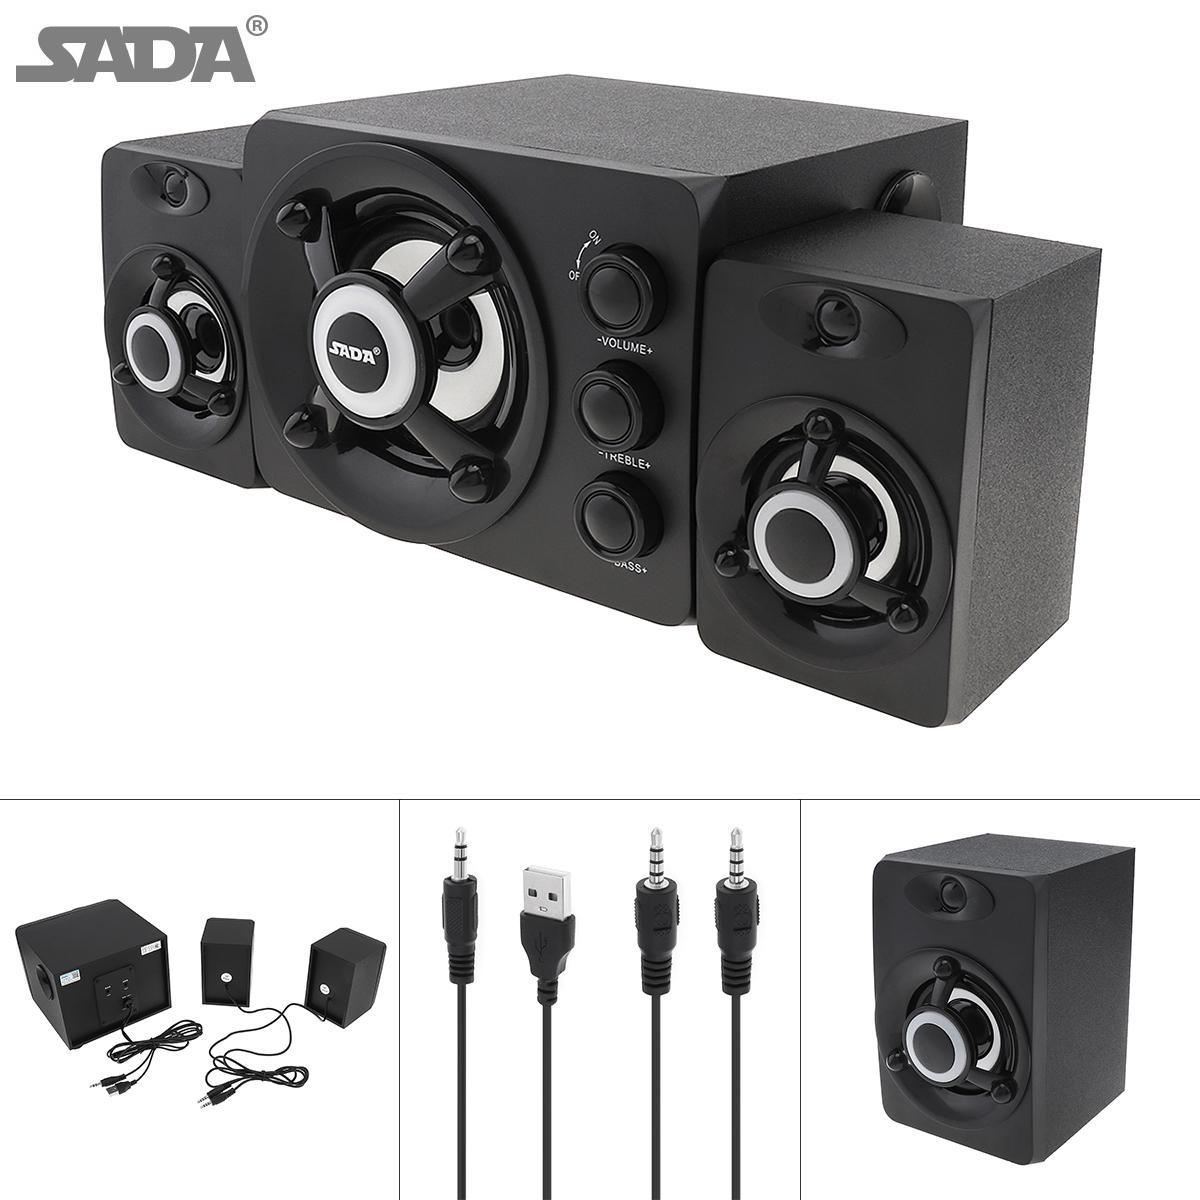 SADA D-208 2.1 Mini Schwarz 3W Holz-3D-Surround-Sound-Subwoofer-Musik-USB-Computer-Lautsprecher mit Leuchtenden Bunten Lampe SSB_10M